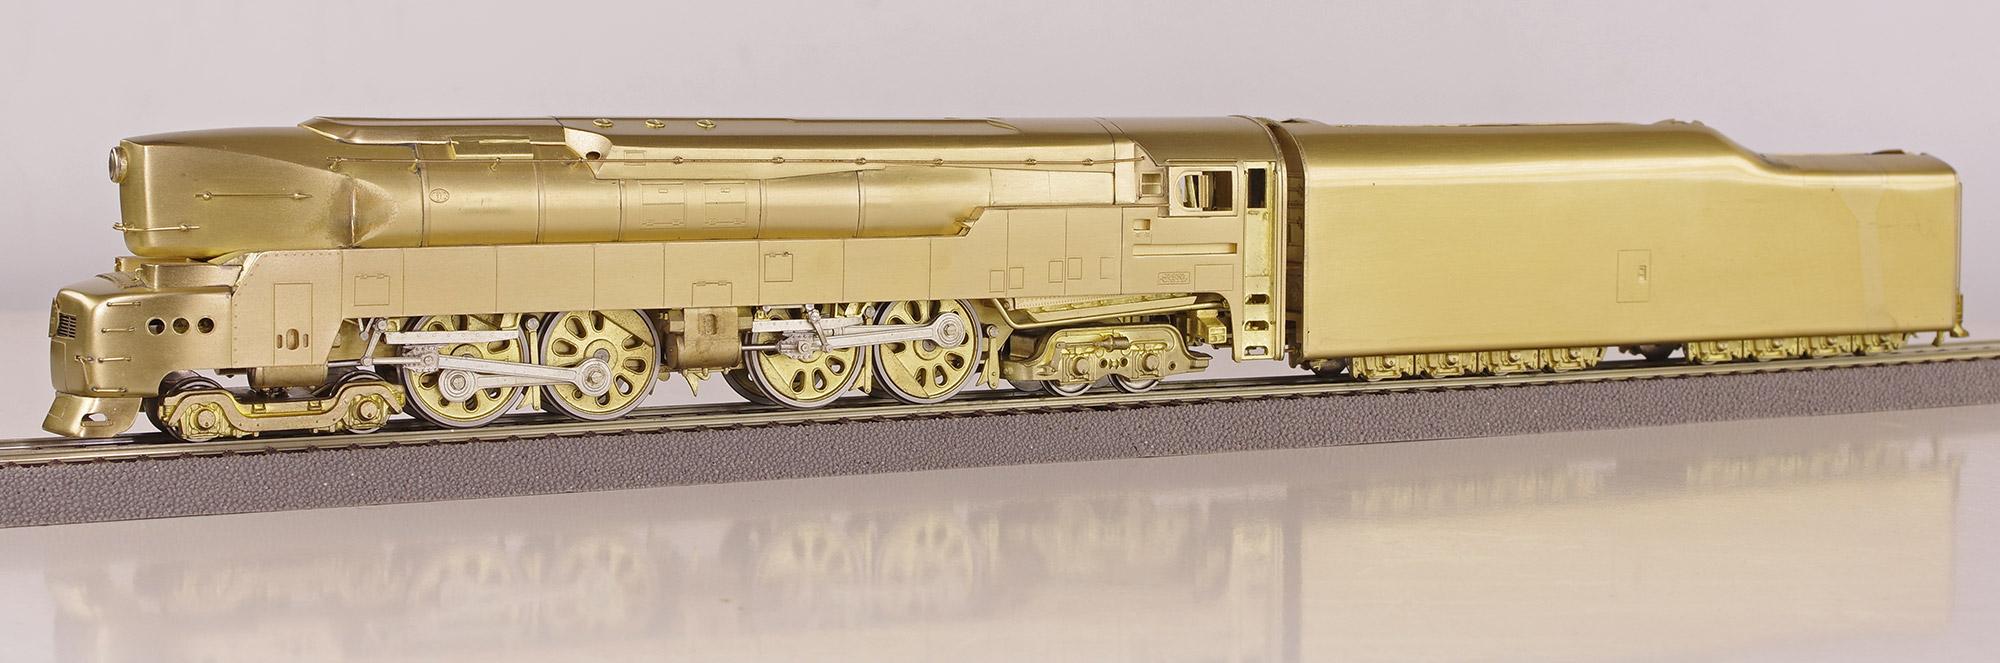 модель BRASSTRAINS 15007-95